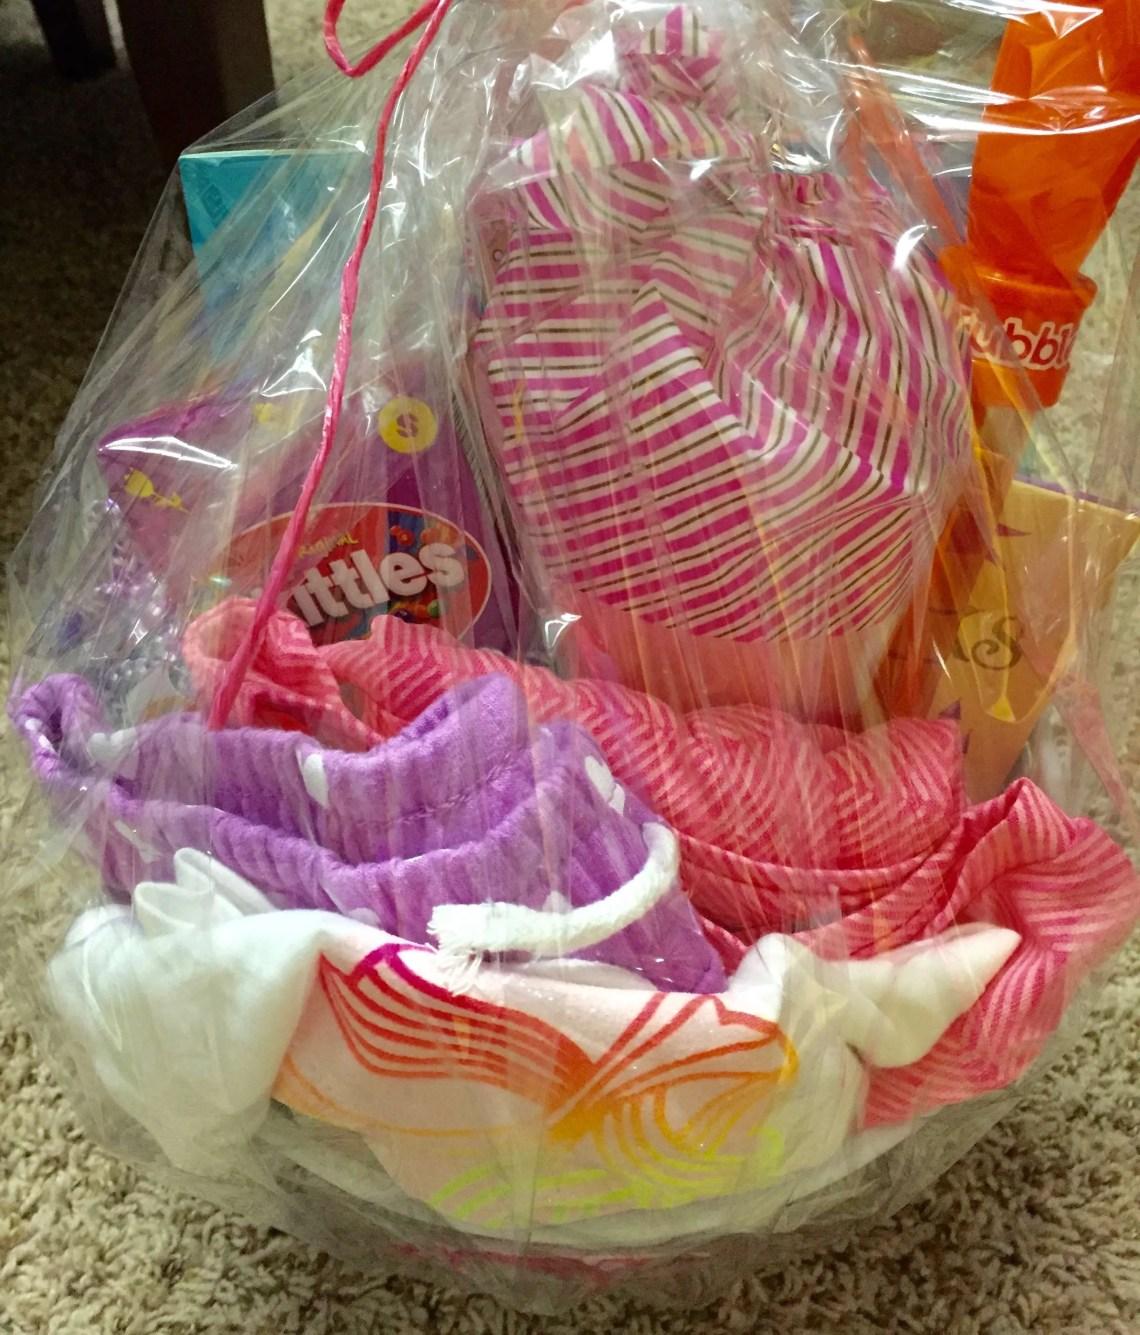 Easter, Easter basket, children, children's items, children's world, kids, Easter fun, Easter prep, baskets, gifts, gift ideas, Easter basket gift ideas, diy Easter basket, DIY Easter